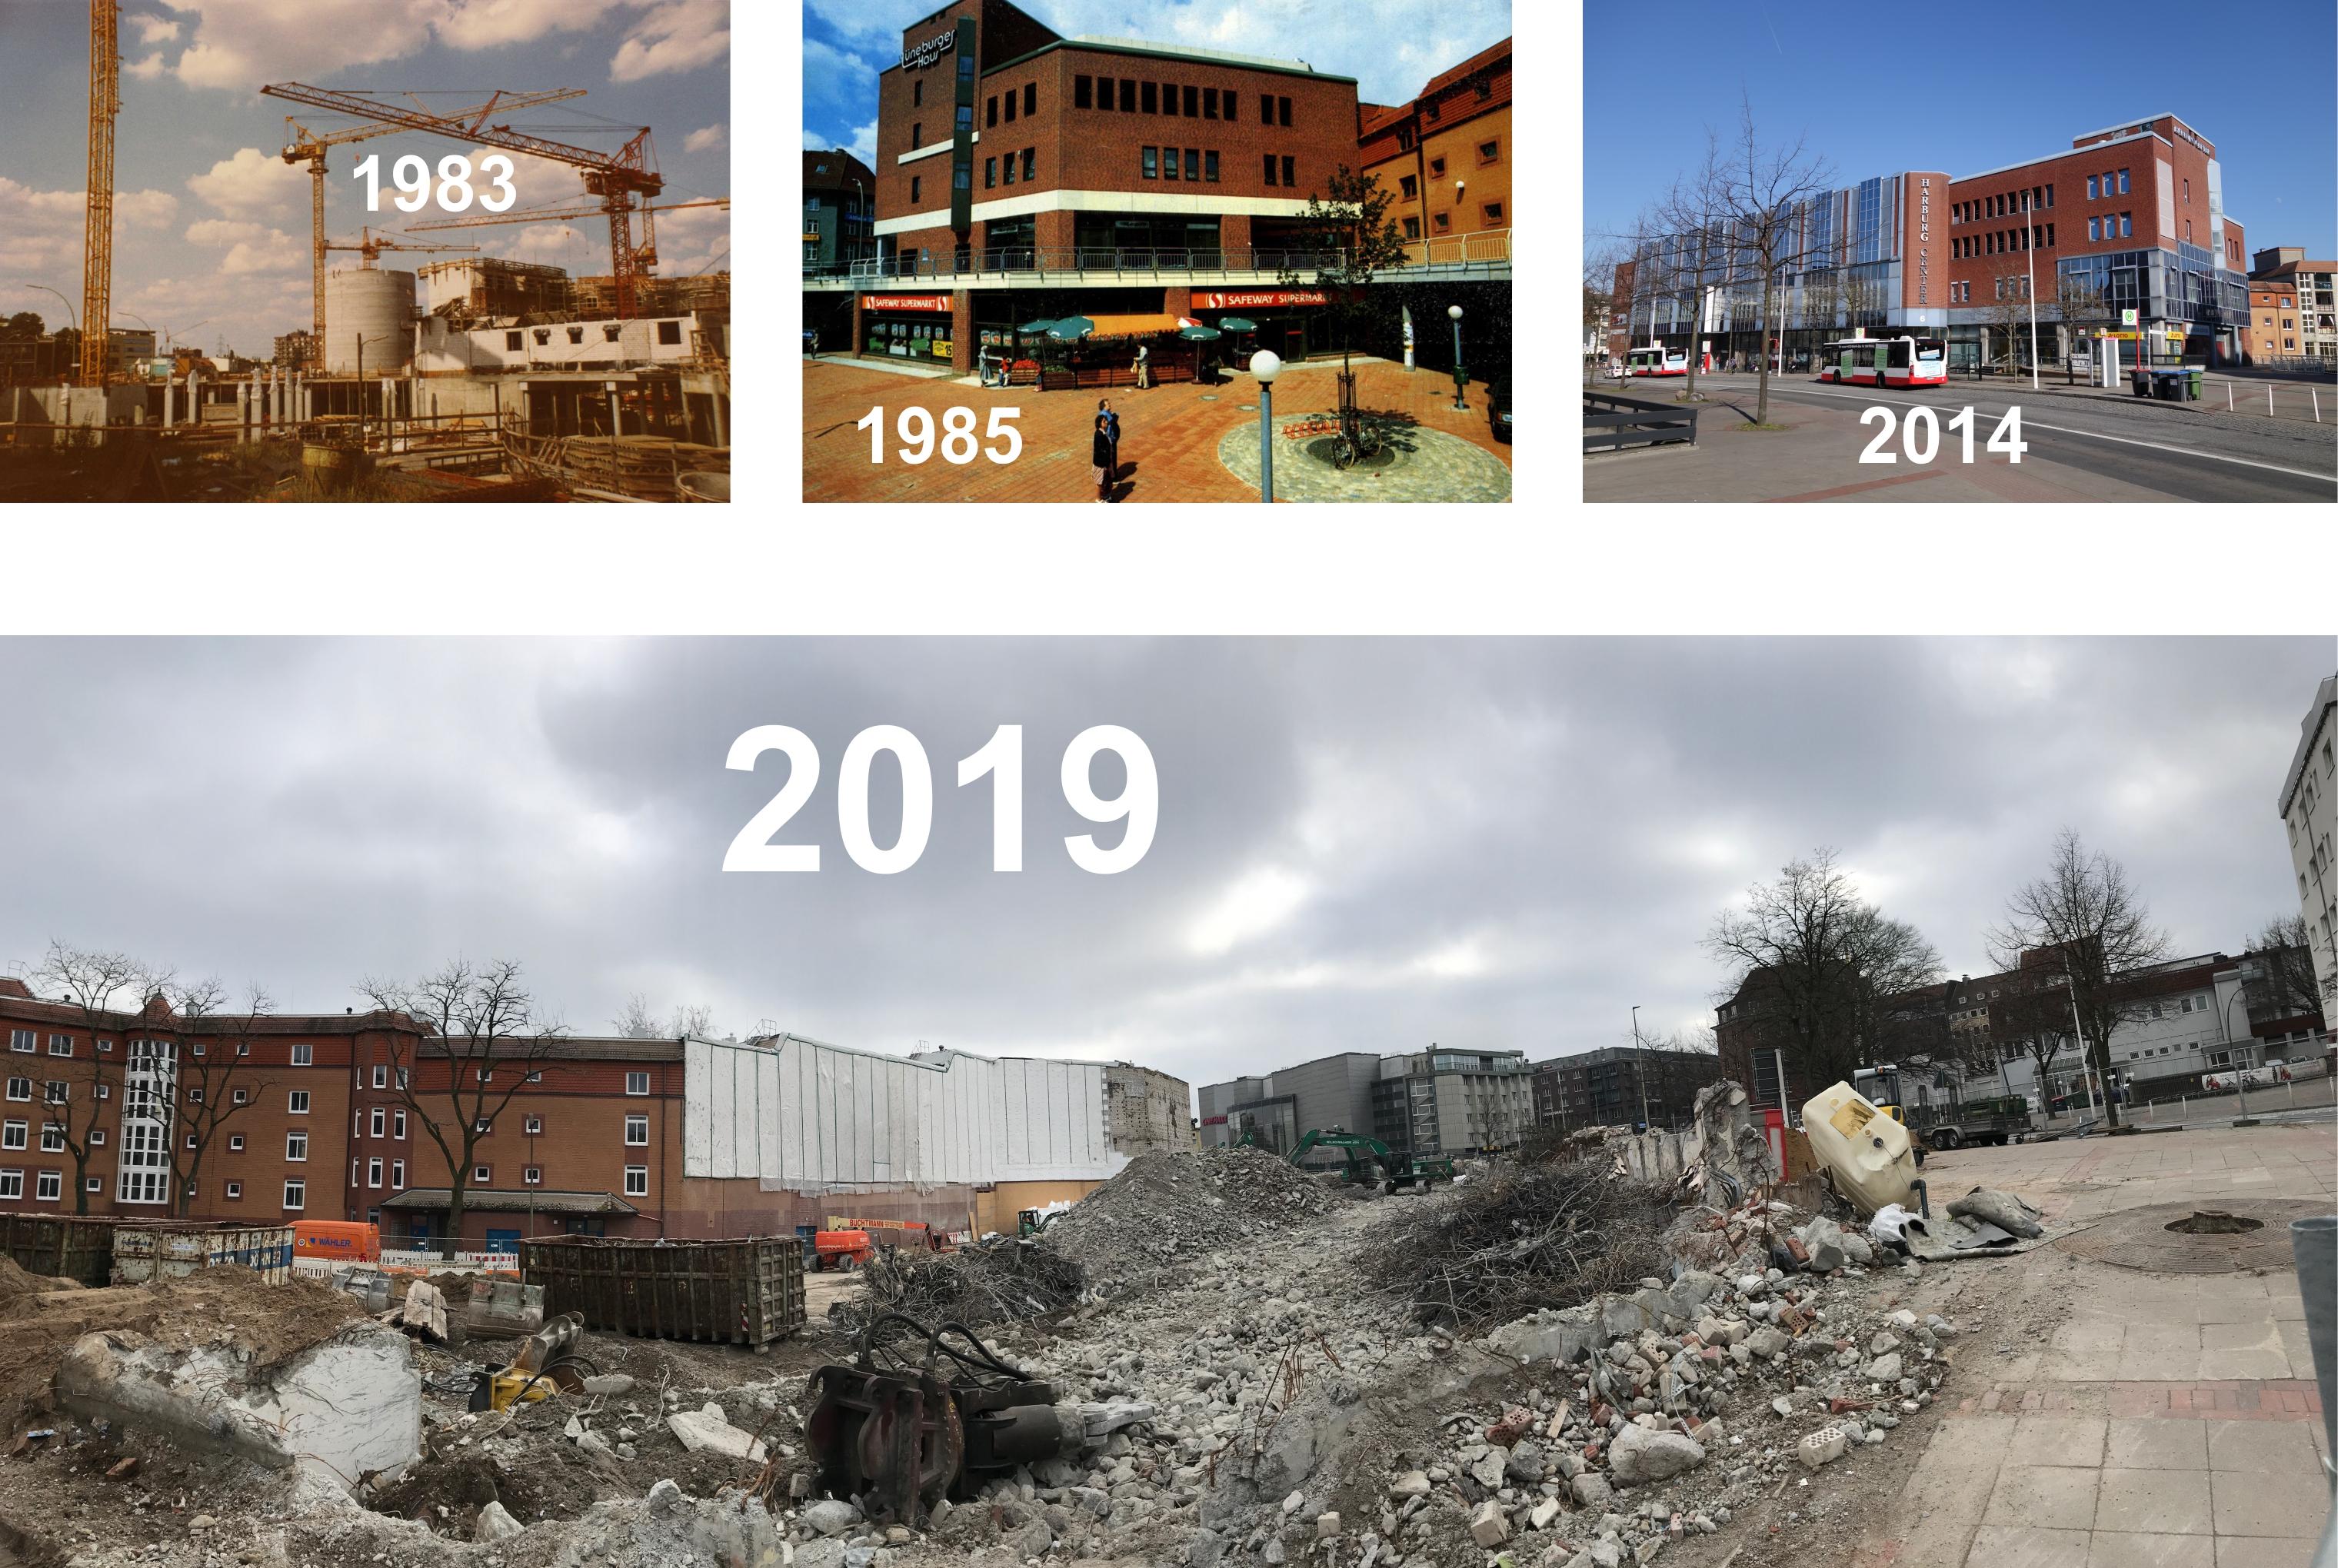 Jörn Hansen -Von Bau bis Abriss des Harburg Centers ± heute Harburgs prominenteste Baustelle.